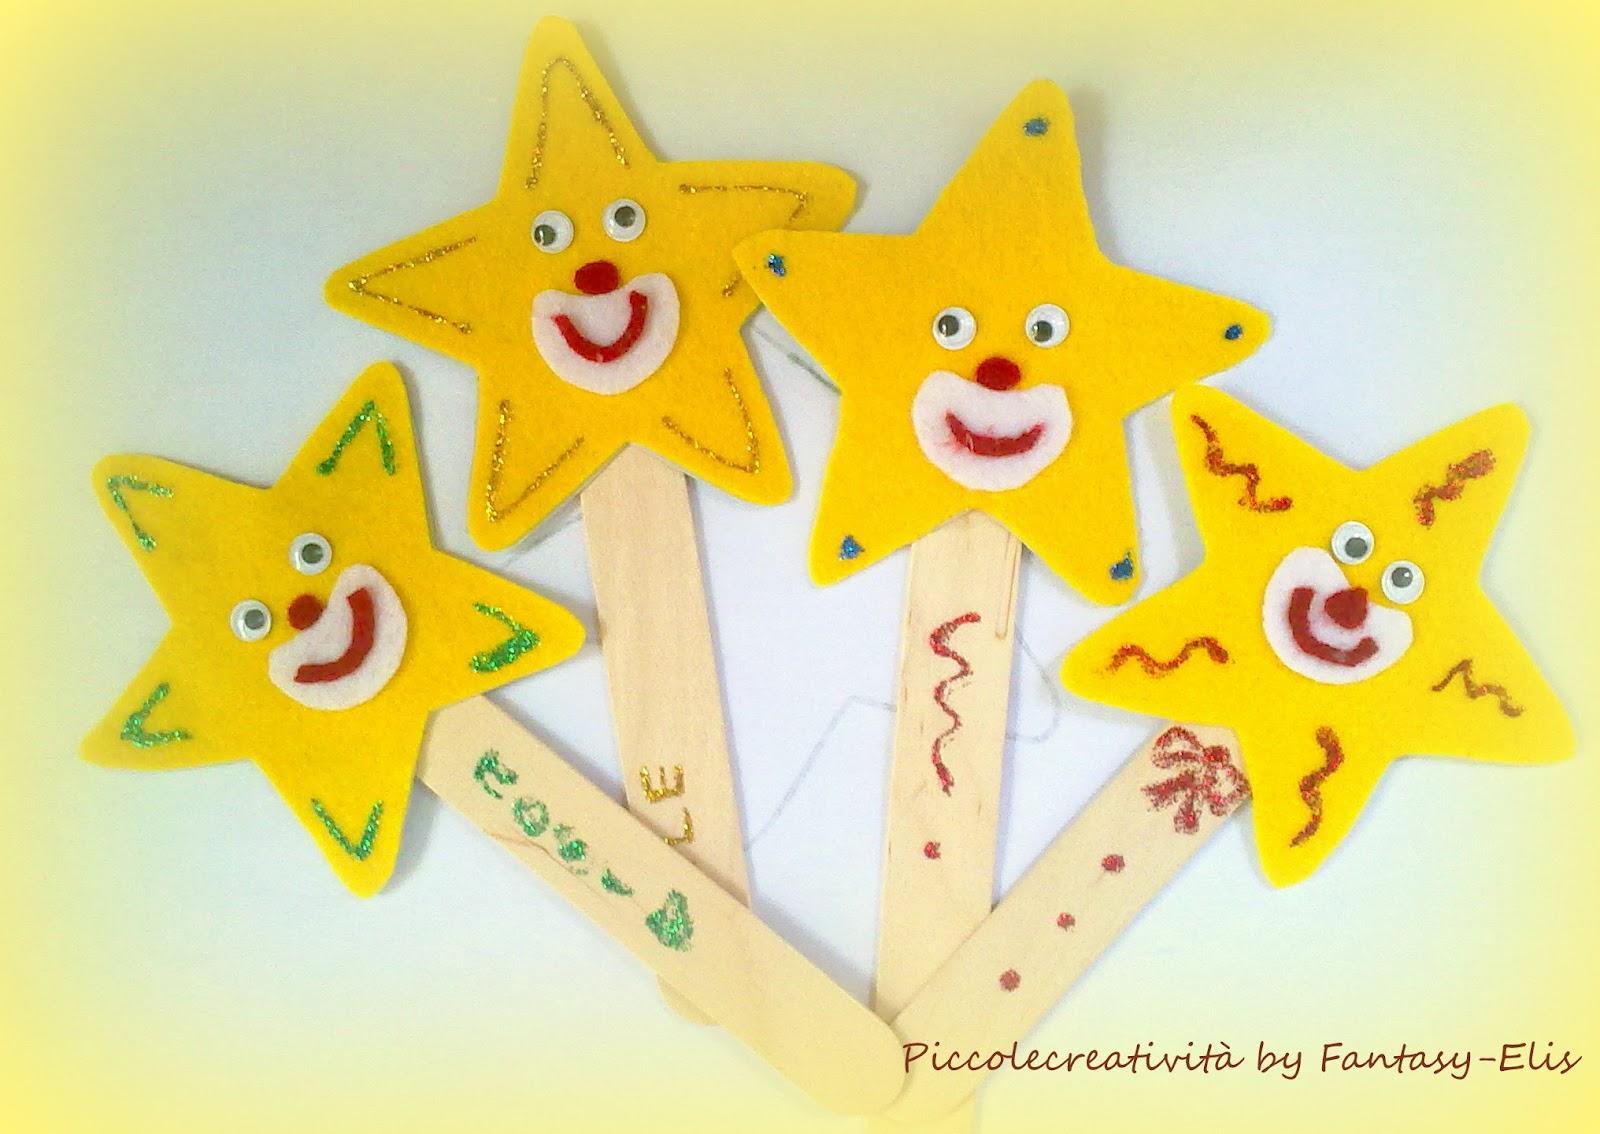 Favoloso PICCOLECREATIVITA': Laboratorio per bambini QL33